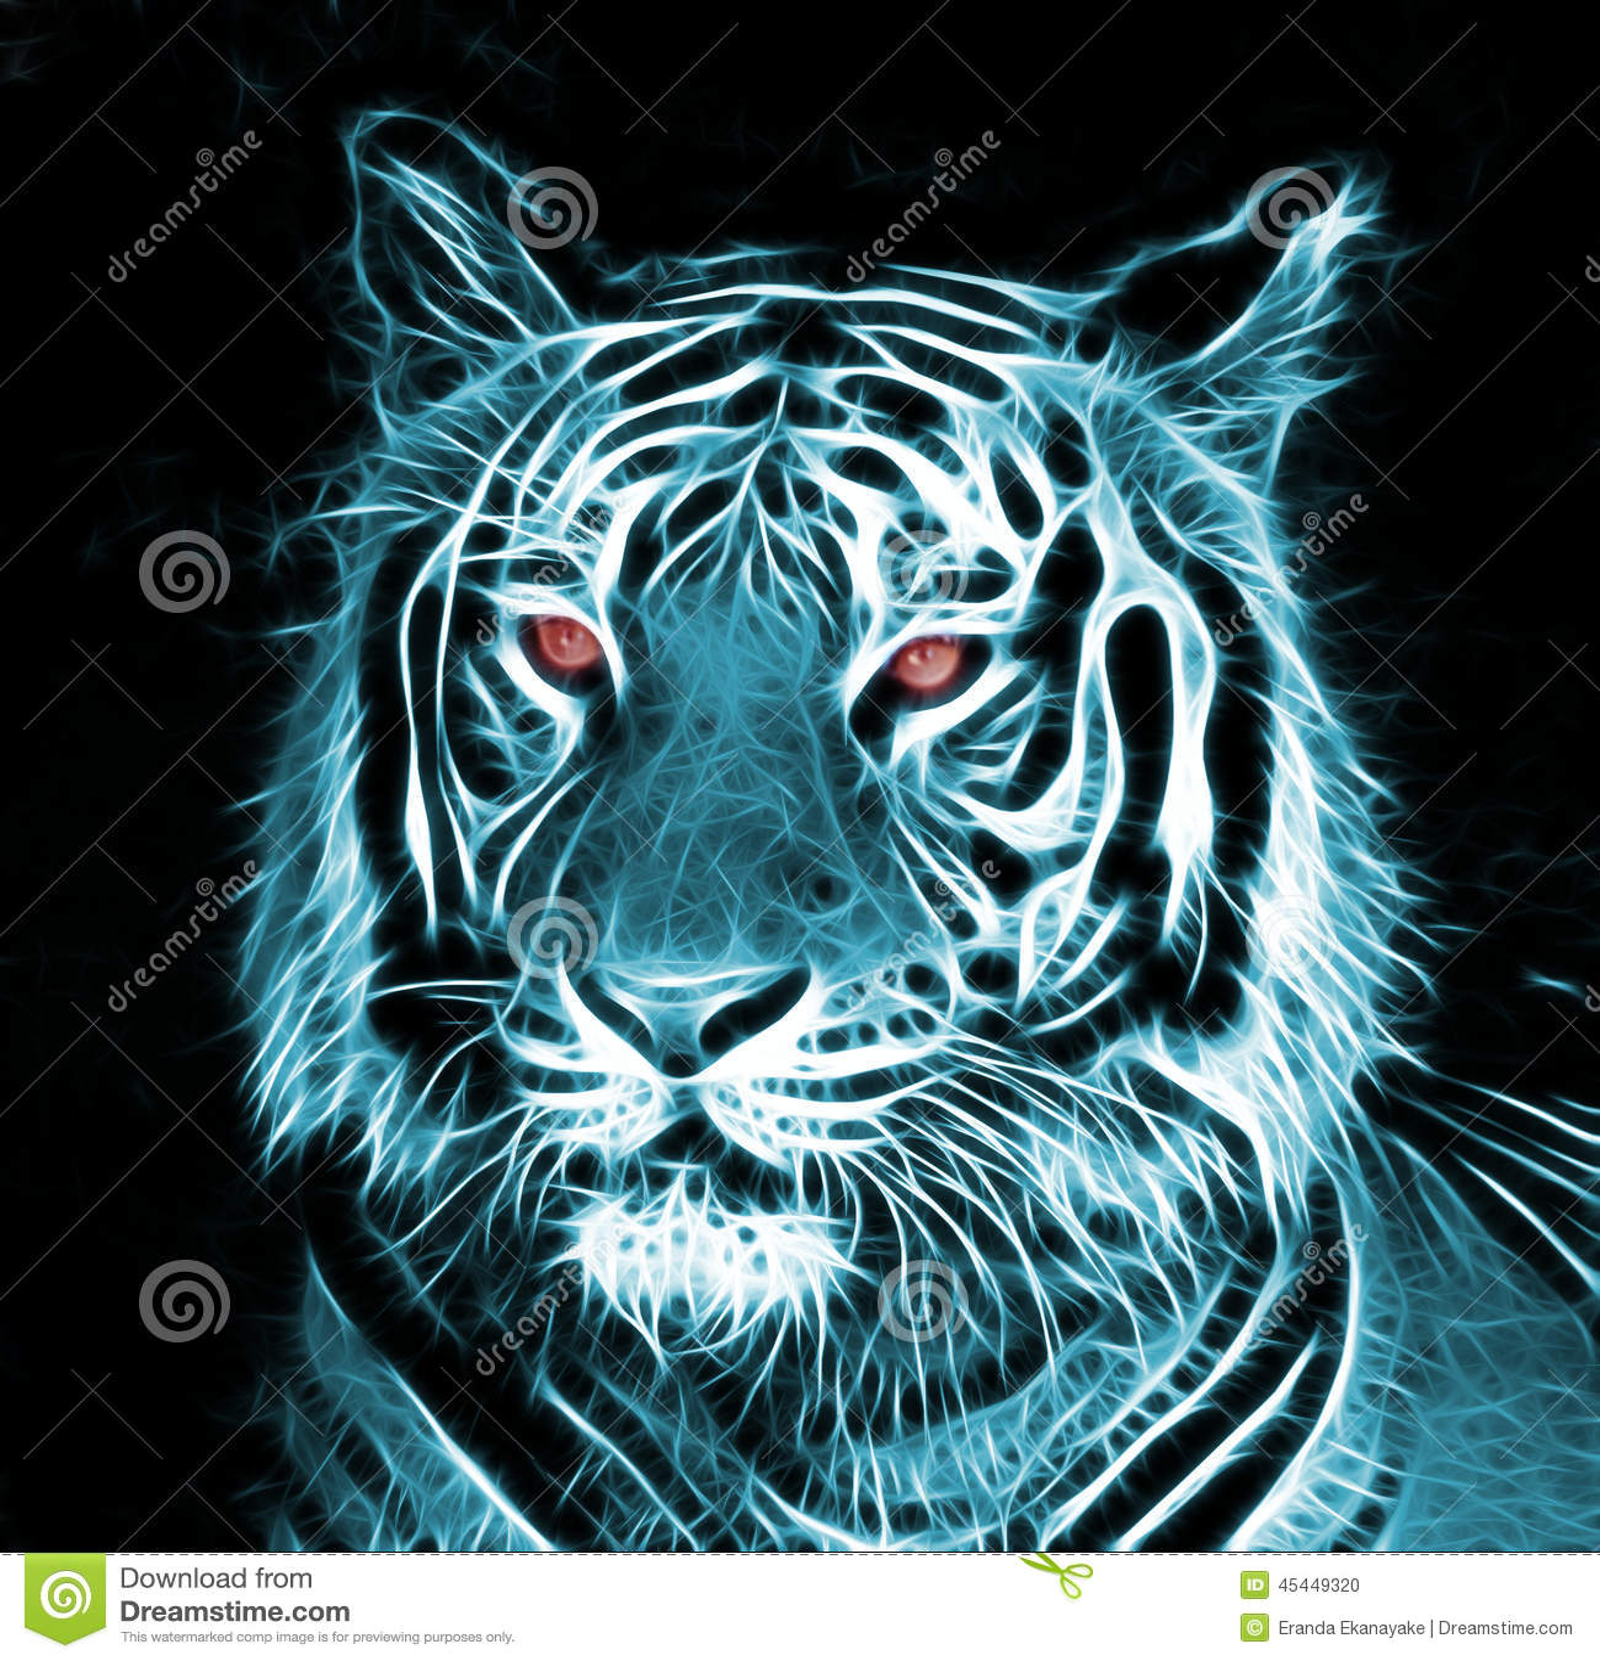 Digital-Zeichnung eines Tigers